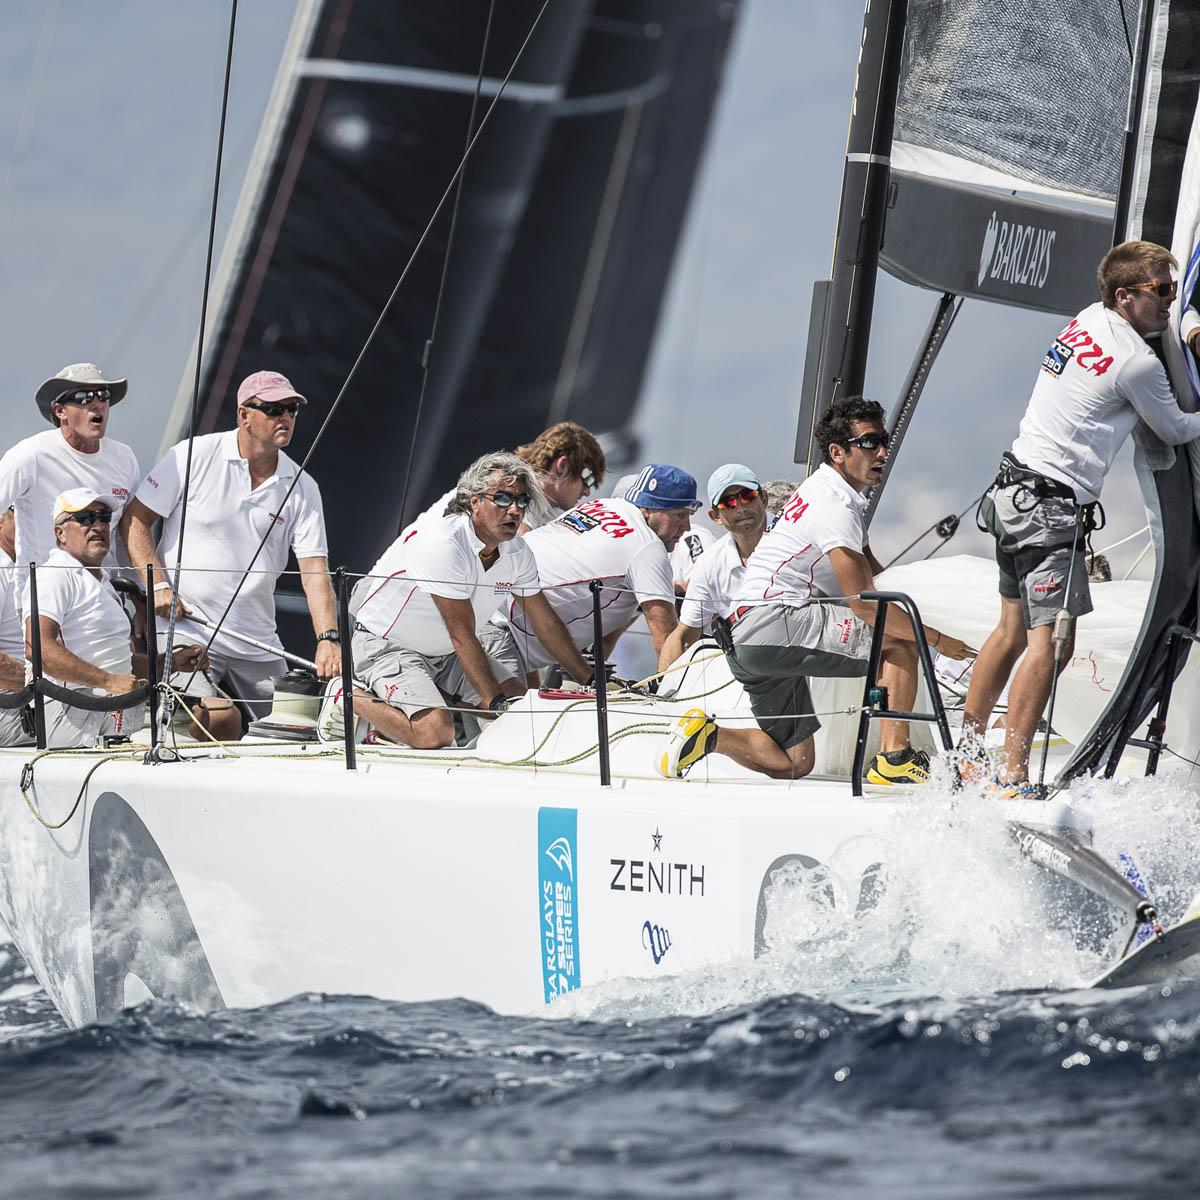 La Cote des Montres : Photo - Palpitant week-end de finale de la Zenith Royal Cup Marina Ibiza